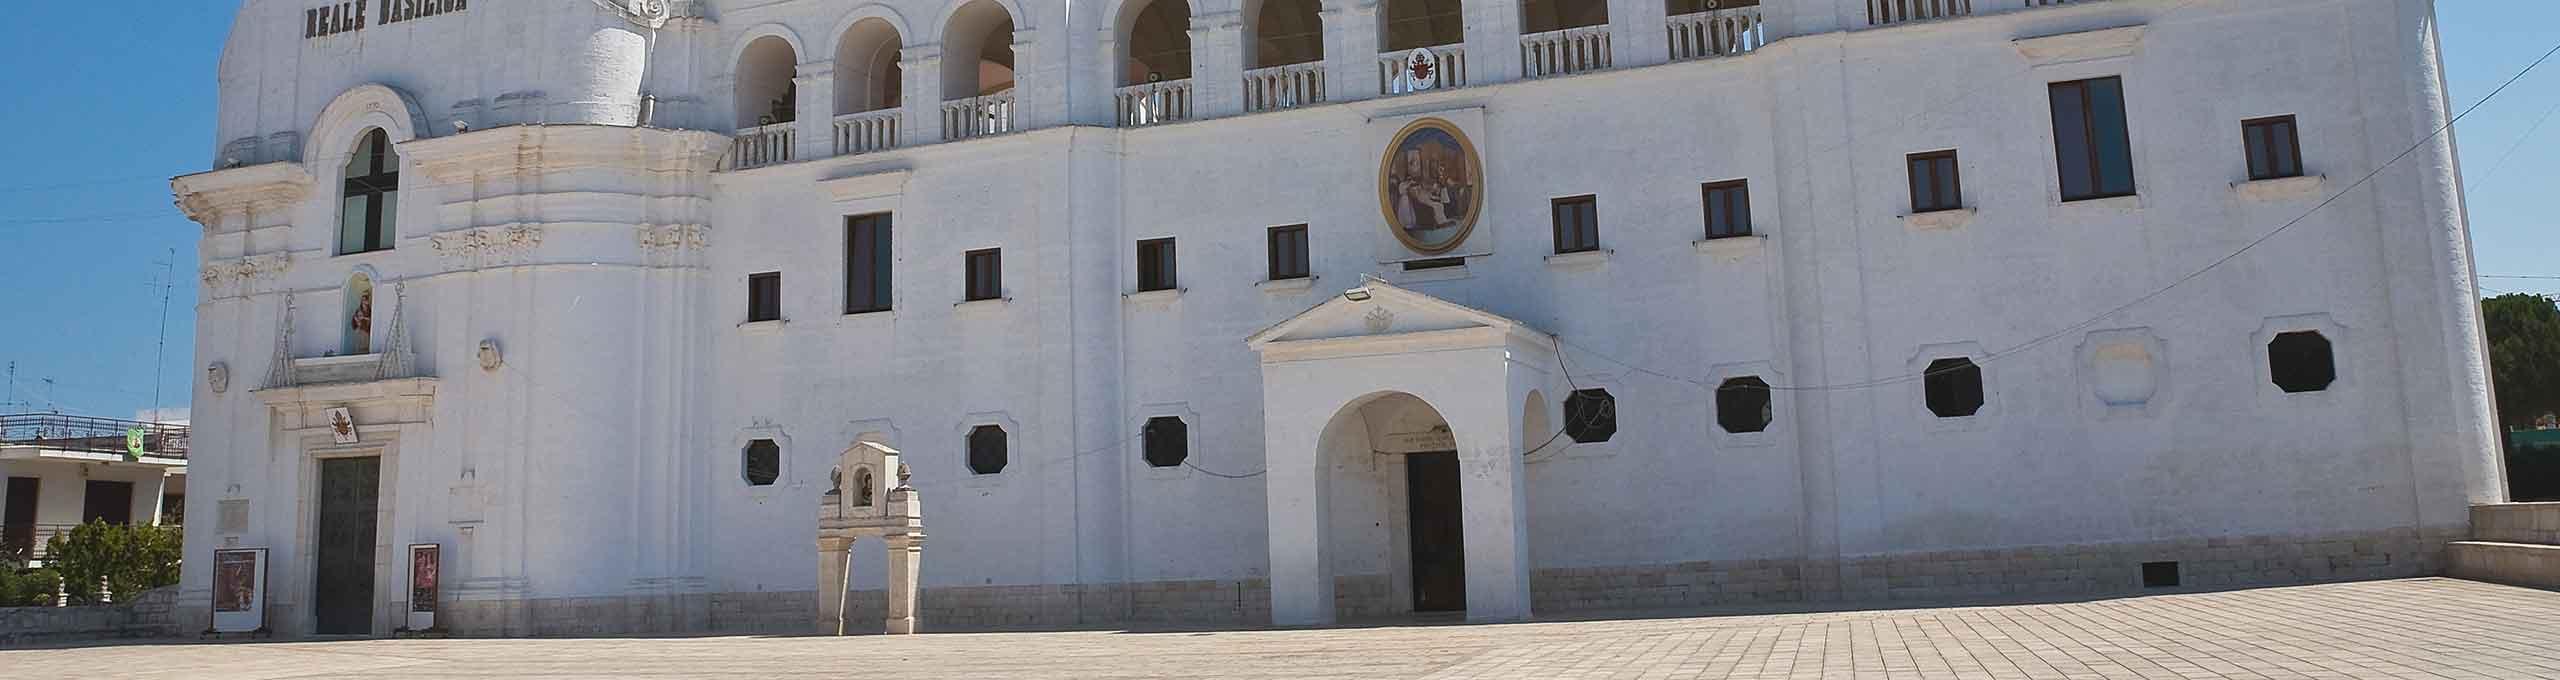 Capurso, Bari e la Costa